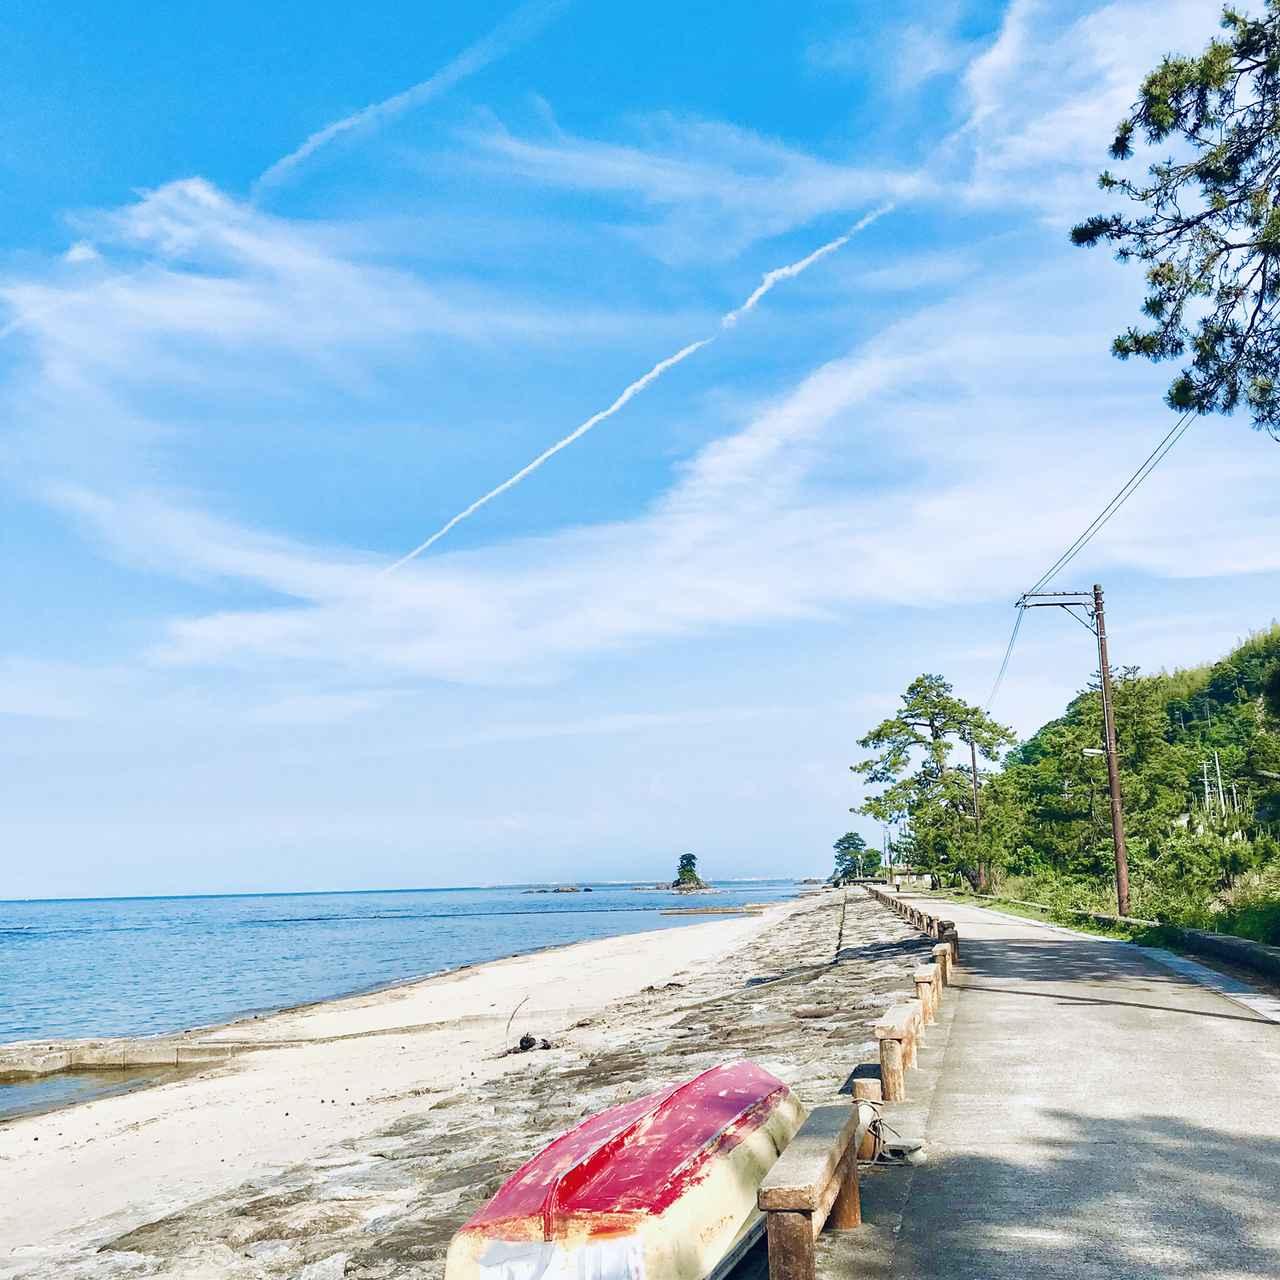 画像: 【富山県雨晴キャンプ場】キャンプ場&駐車場が無料! 荷物の運搬が楽! 海水浴場も魅力的◎